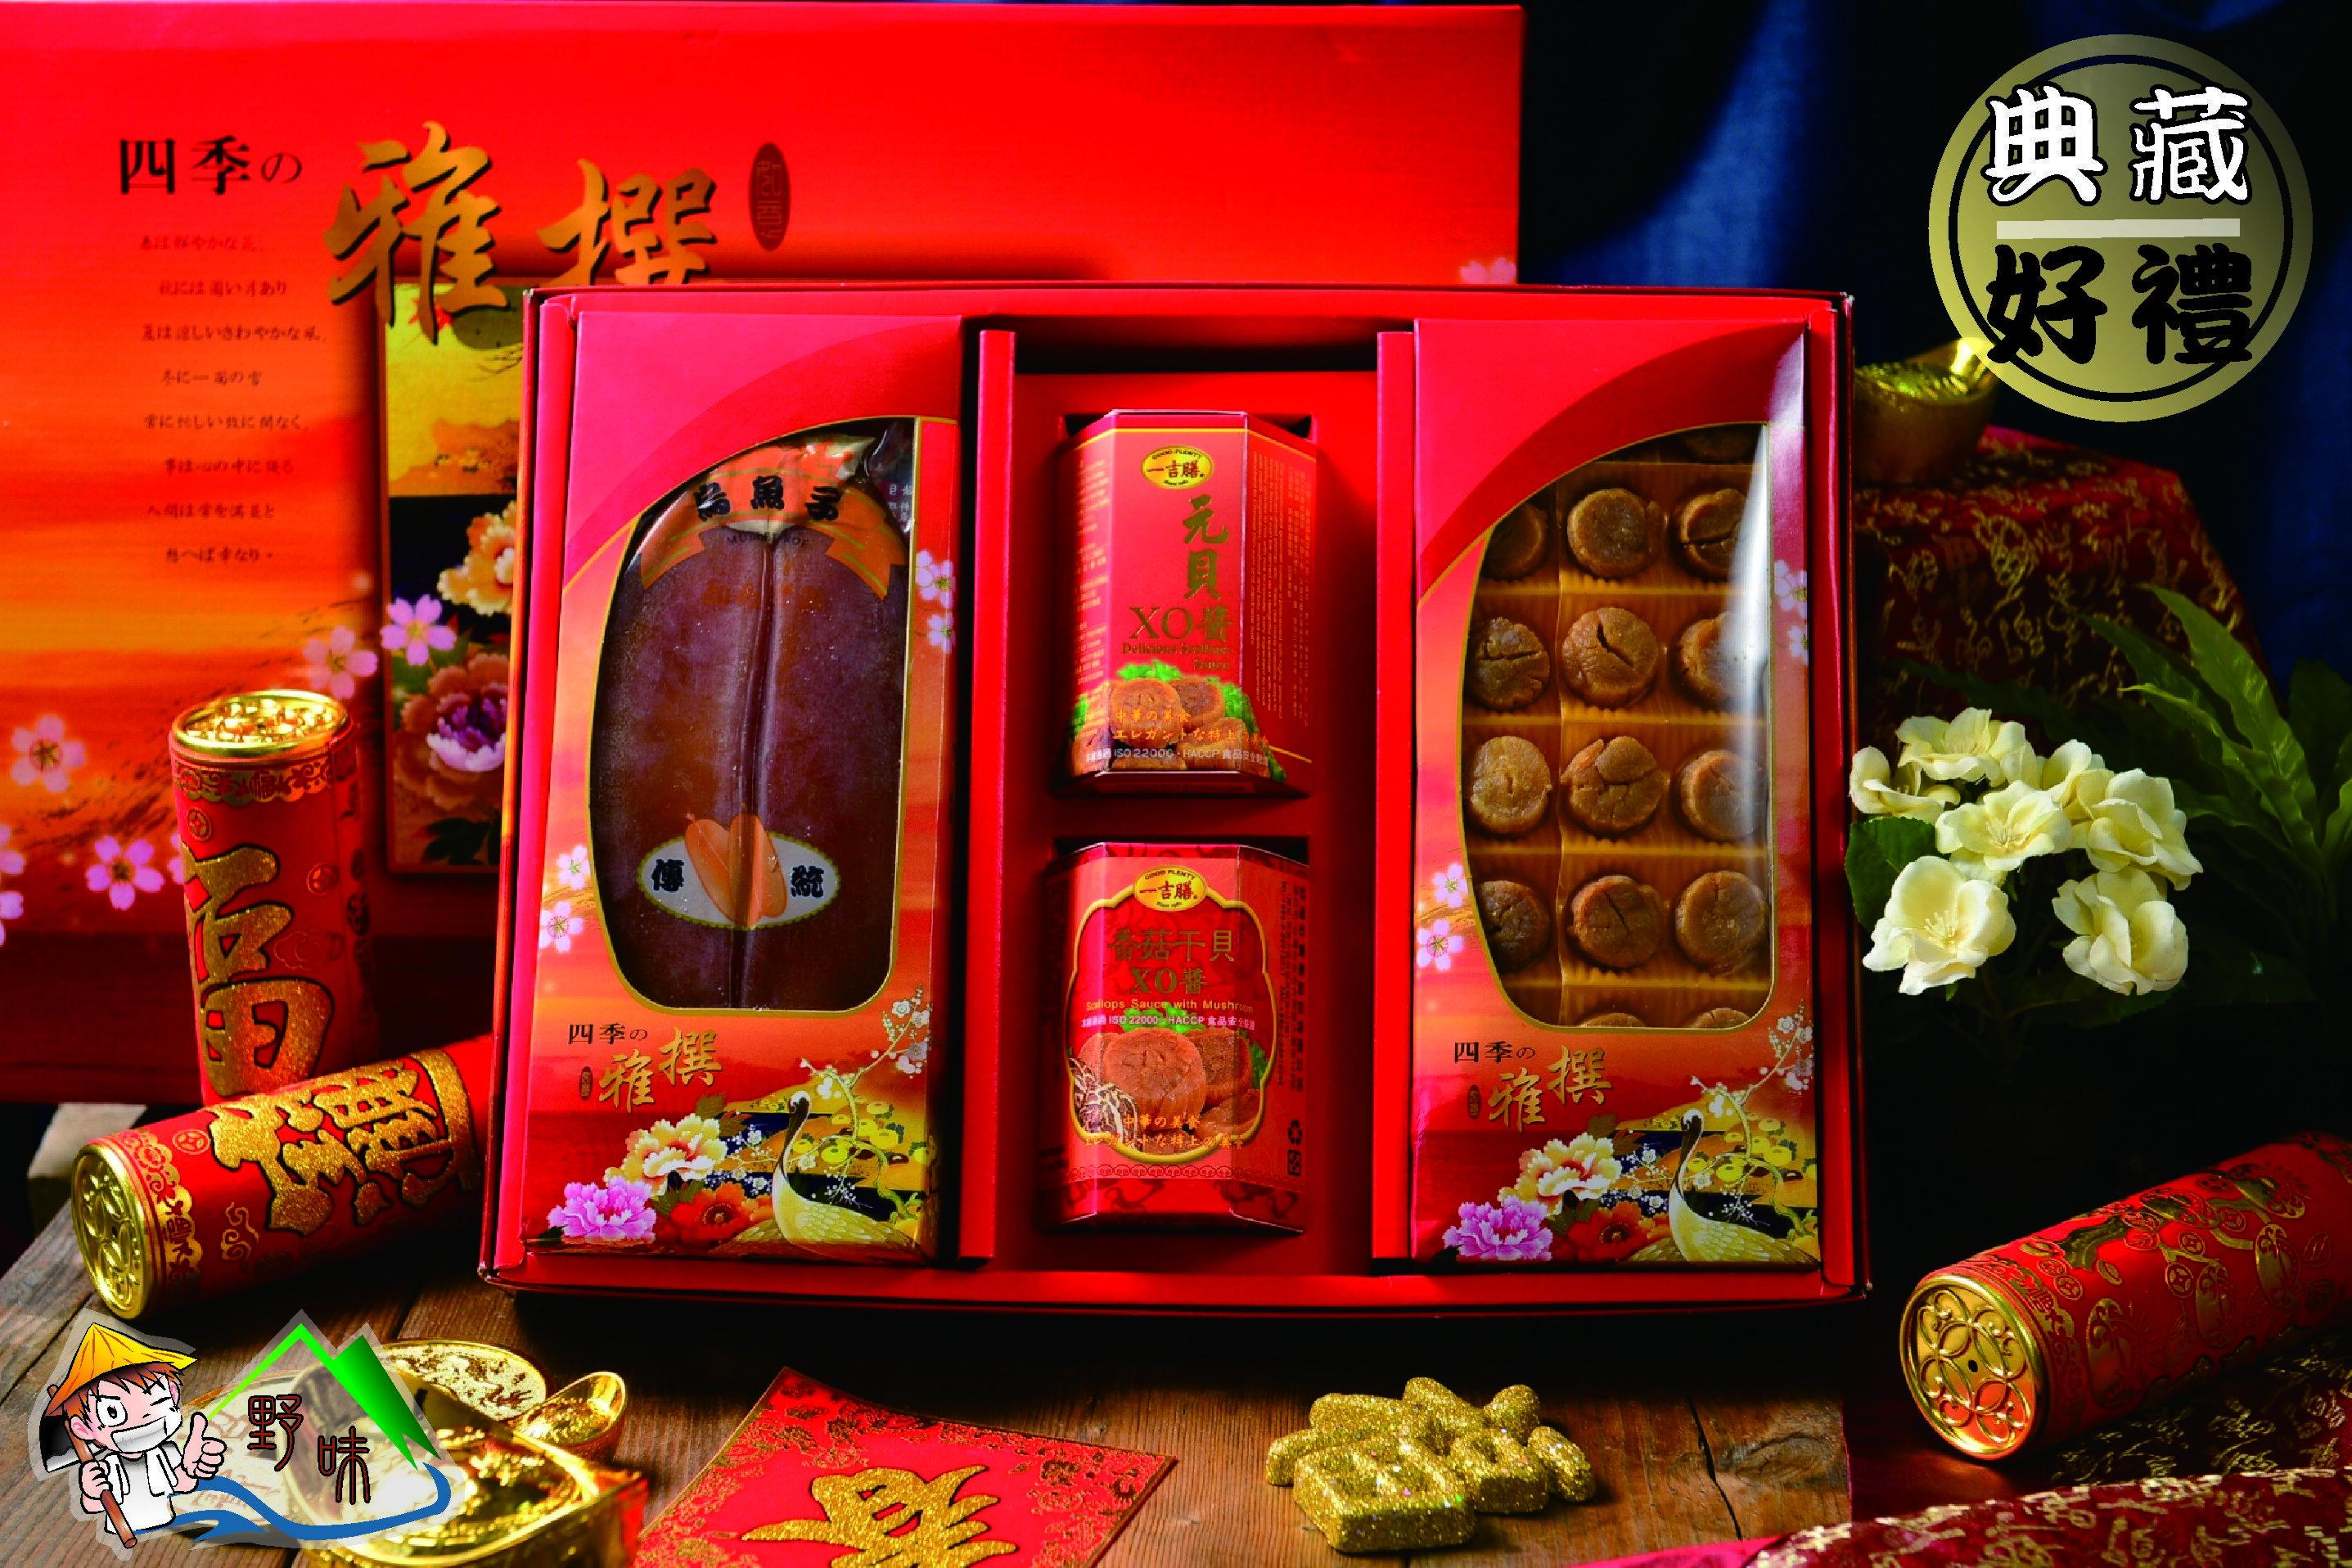 【野味食品】四季雅撰67(日本北海道M級干貝柱+台灣海捕野生烏魚子+一吉膳元貝XO醬+一吉膳香菇XO醬罐頭)(附贈年節禮盒、禮袋)(春節禮盒,傳統禮盒,年貨禮盒)